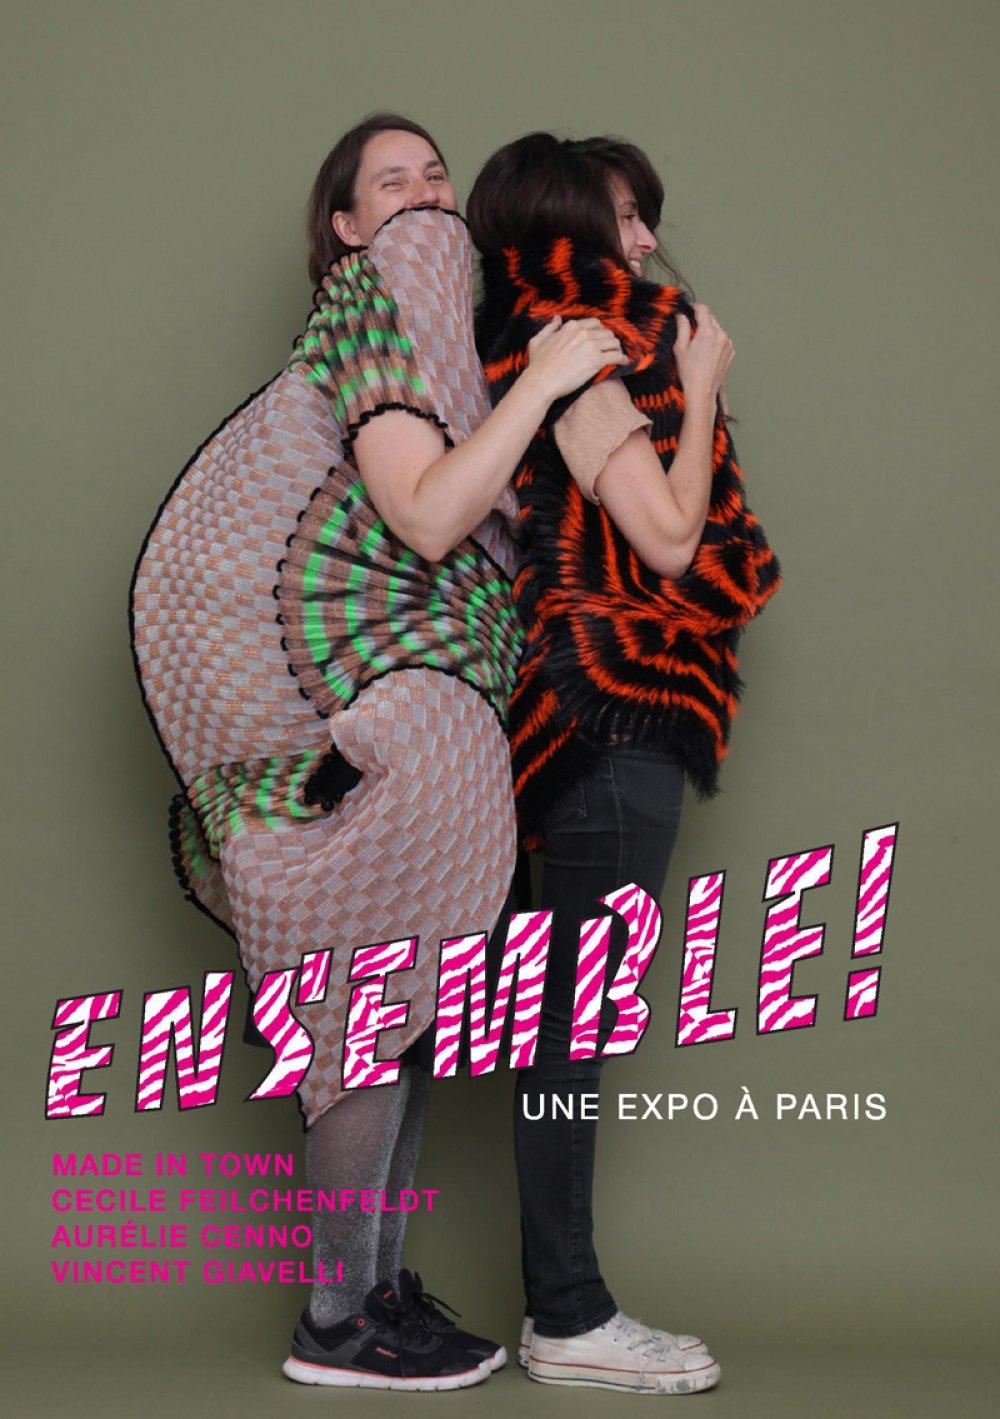 Ensemble<br />Cécile Feilchenfeldt